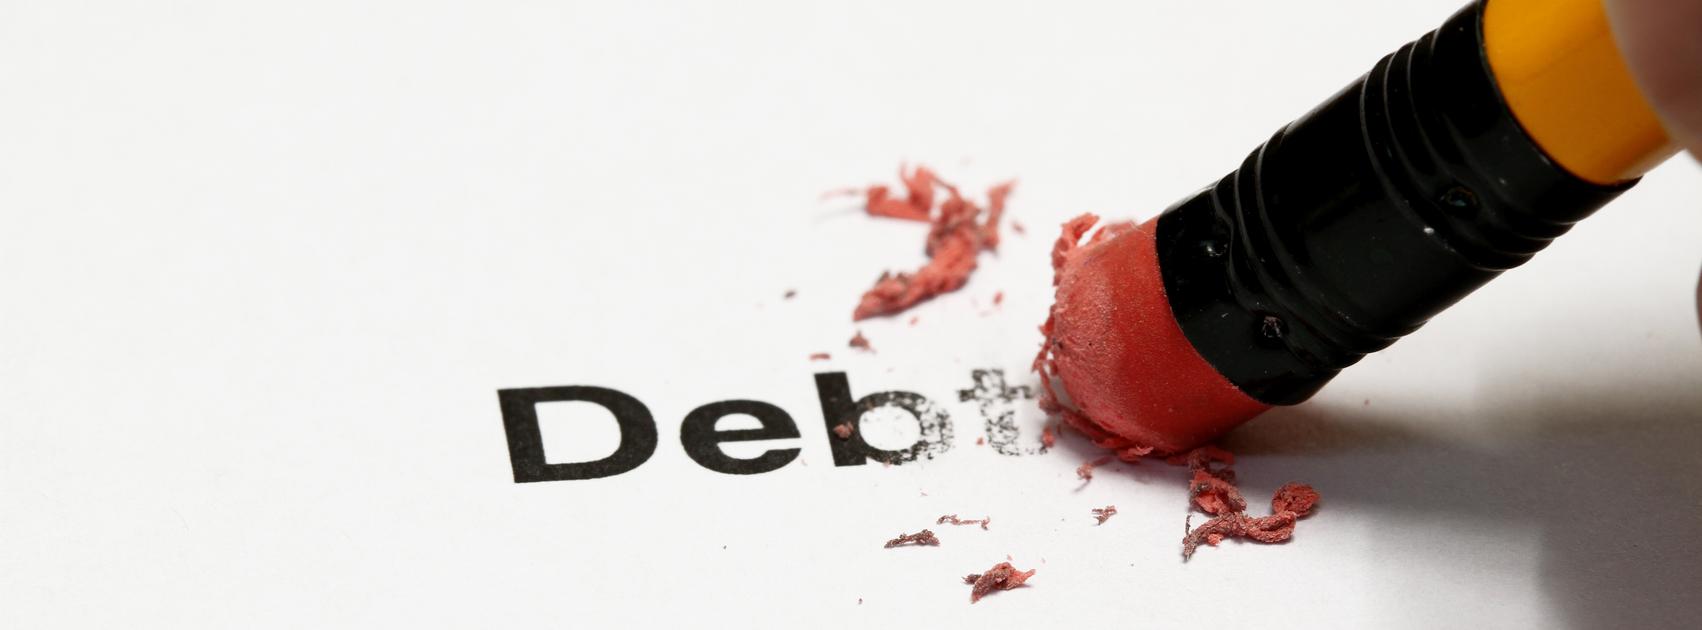 tackle debt